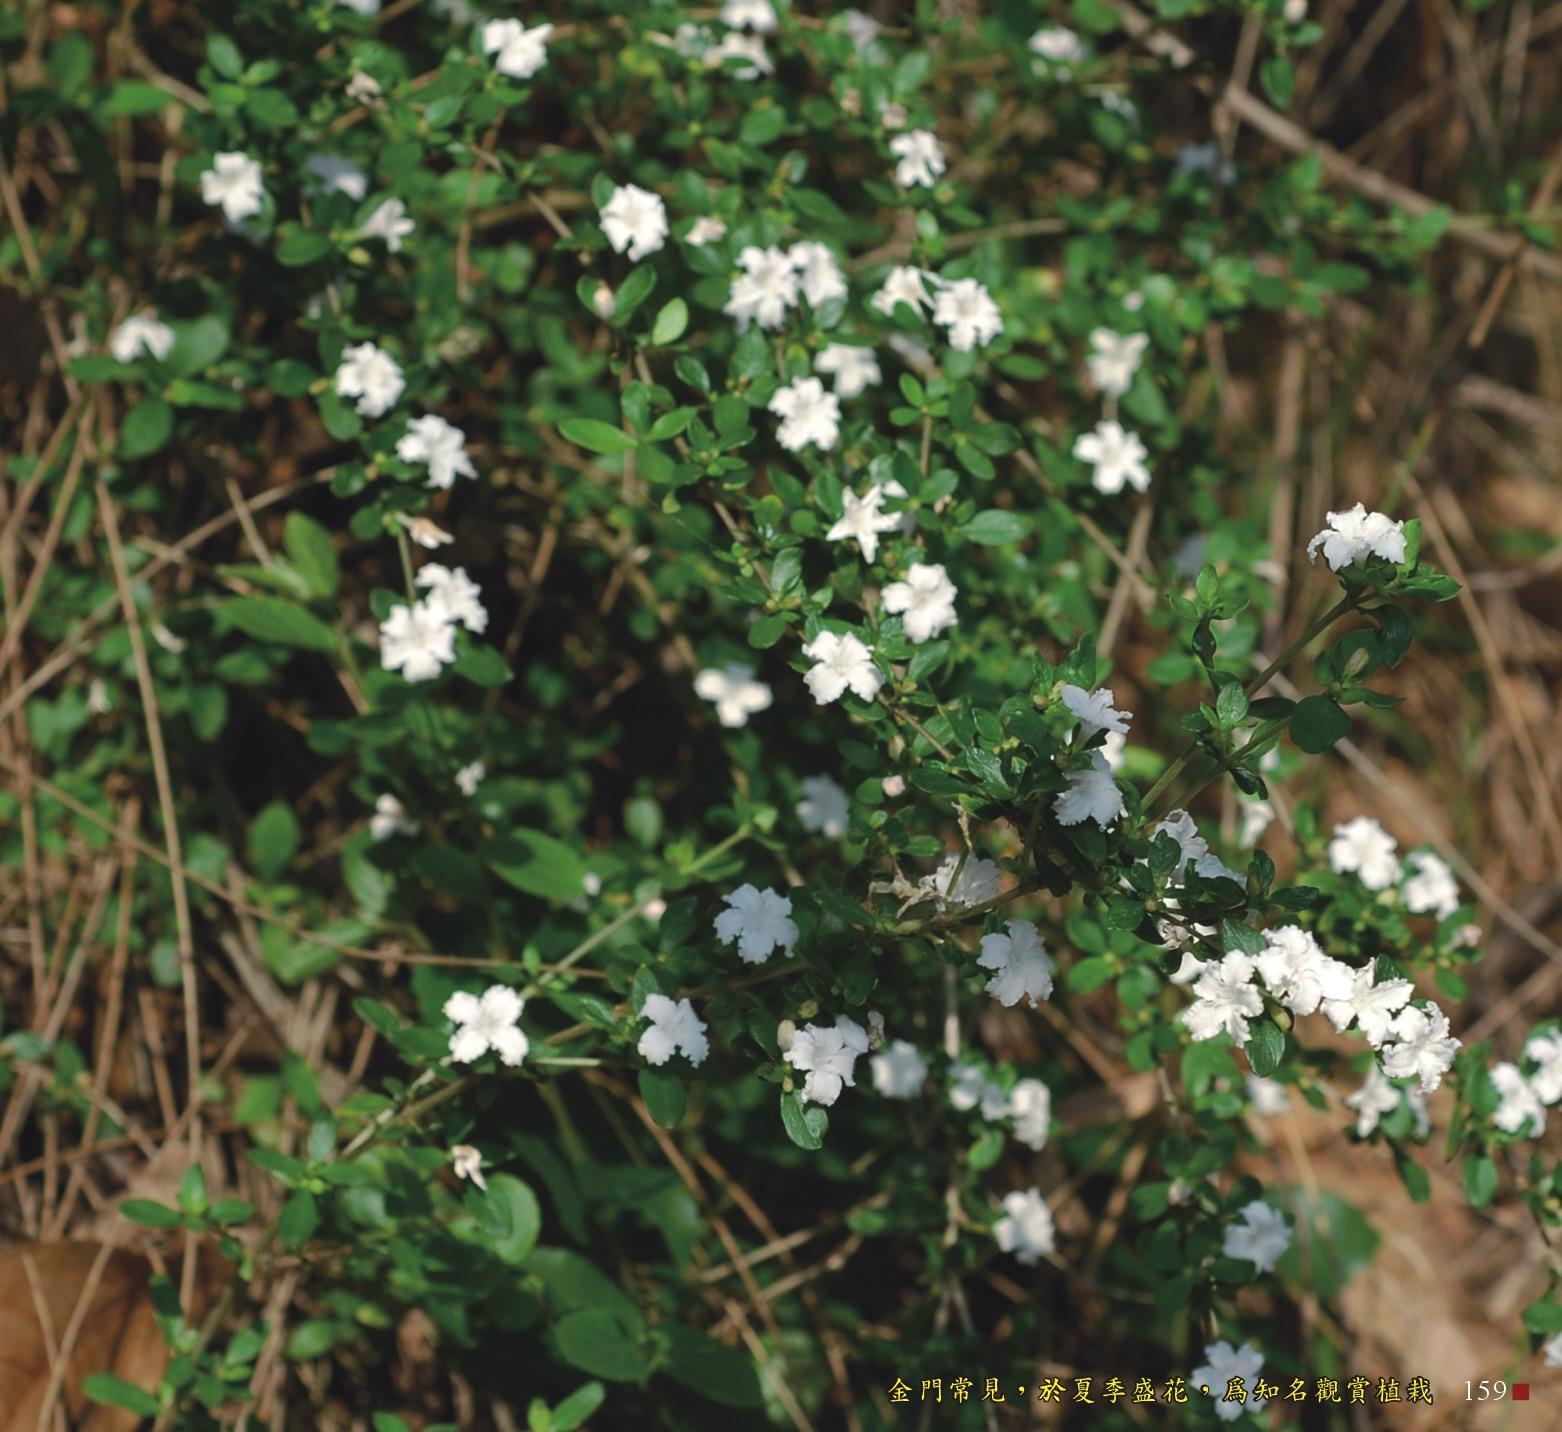 金門常見,於夏季盛開,為知名觀賞植栽